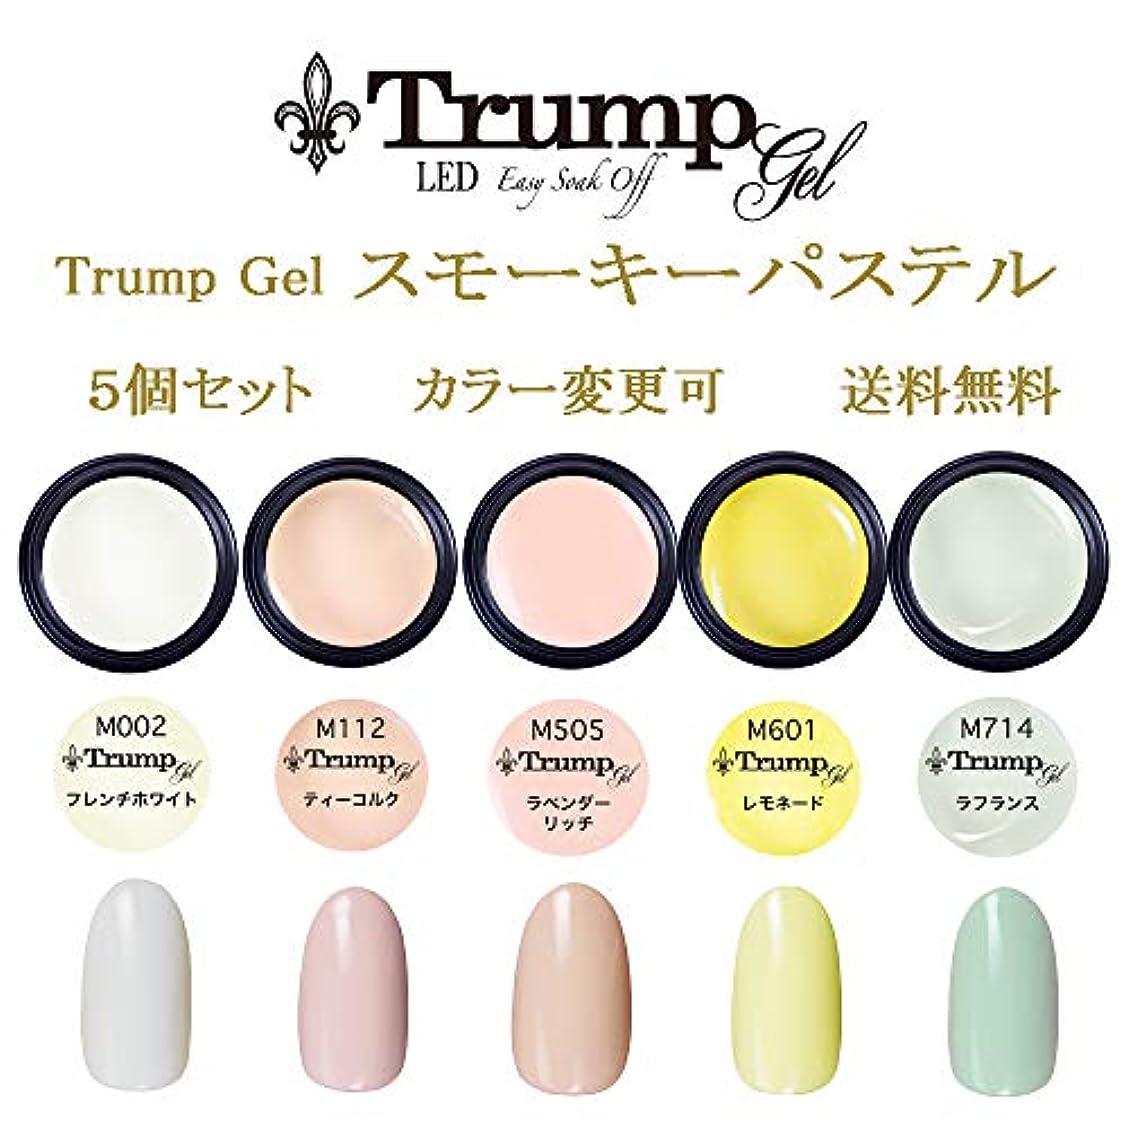 蛾クルーズアミューズメント日本製 Trump gel トランプジェル スモーキー パステルカラー 選べる カラージェル5個セット ホワイト ベージュ ピンク イエロー グリーン